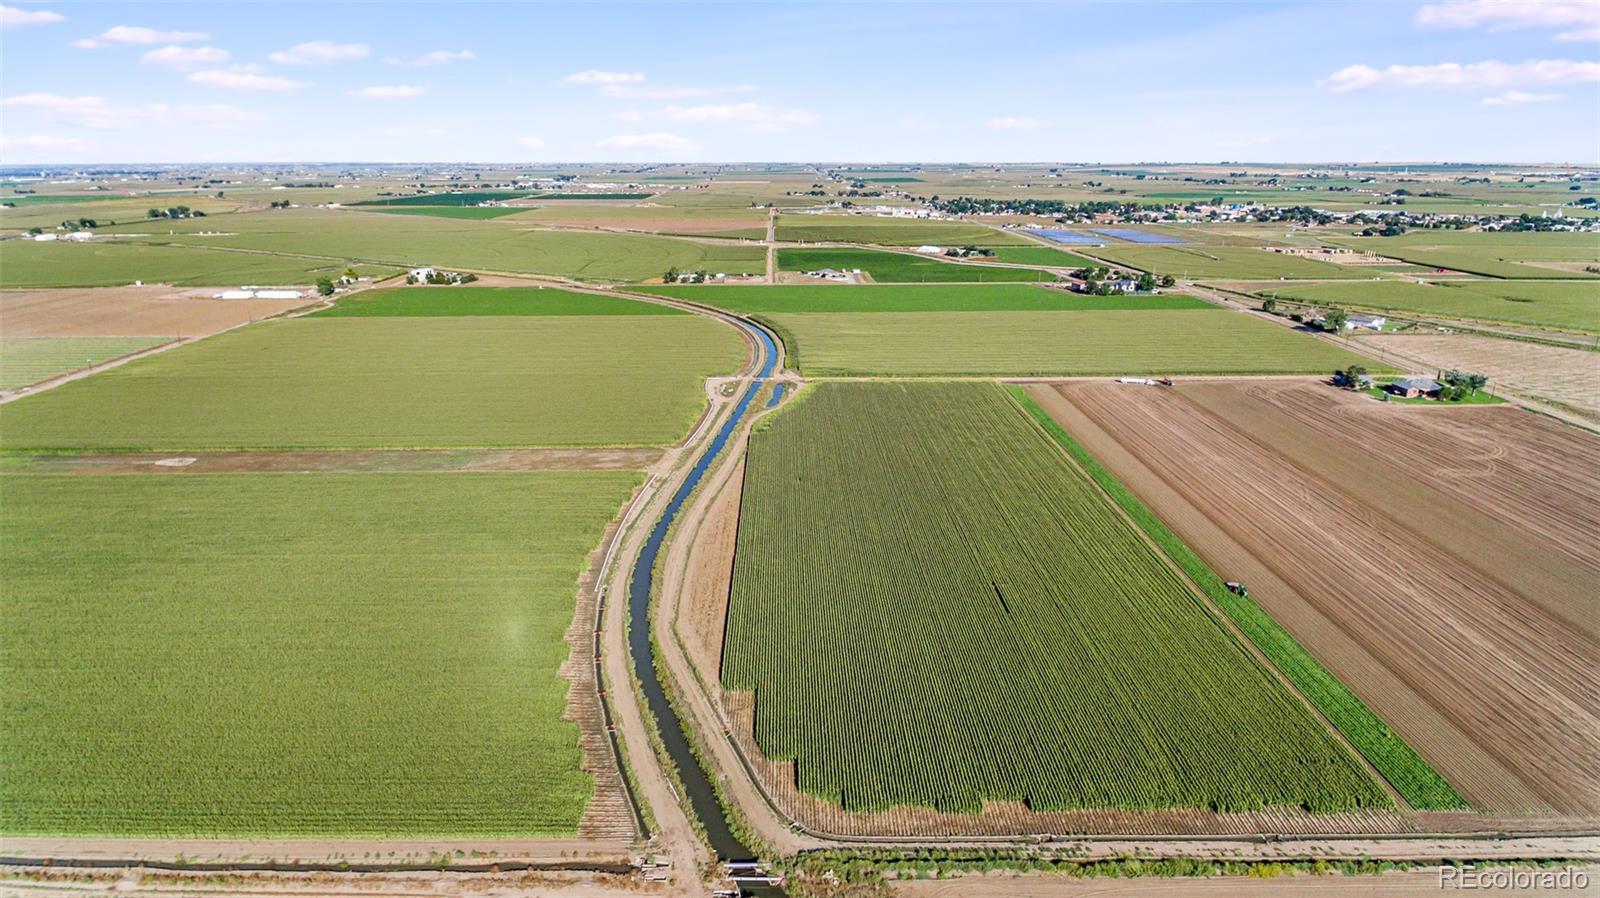 0 TBD County Road 42, Platteville, CO 80651 - Platteville, CO real estate listing